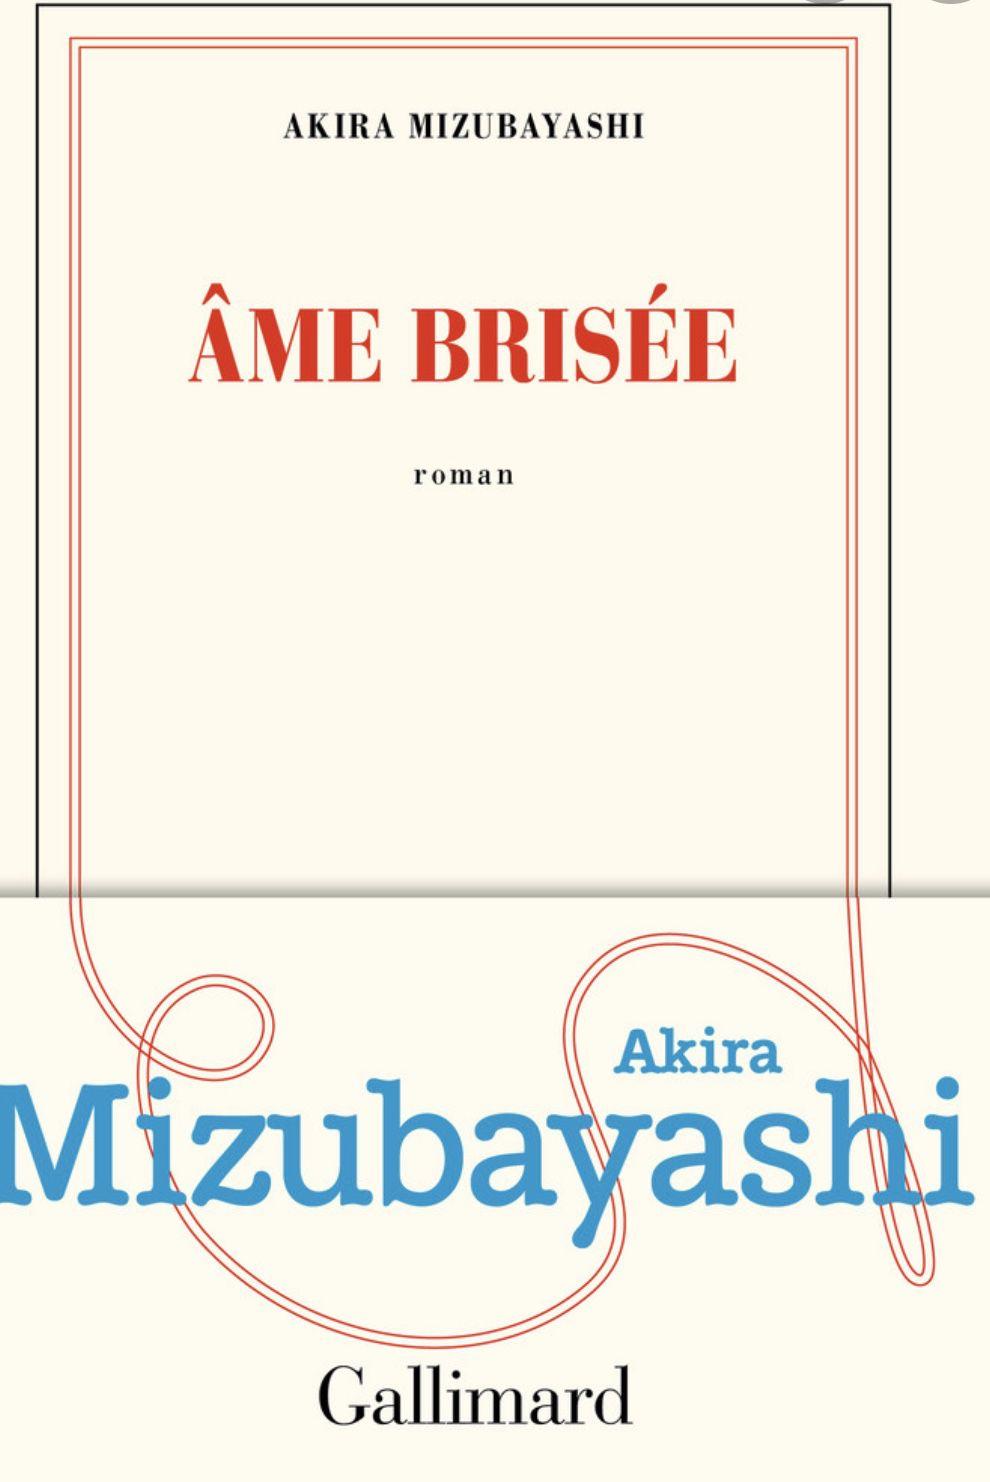 âme brisée, Akira Mizubayashi, critique, prix, libraires, 2020, récompense